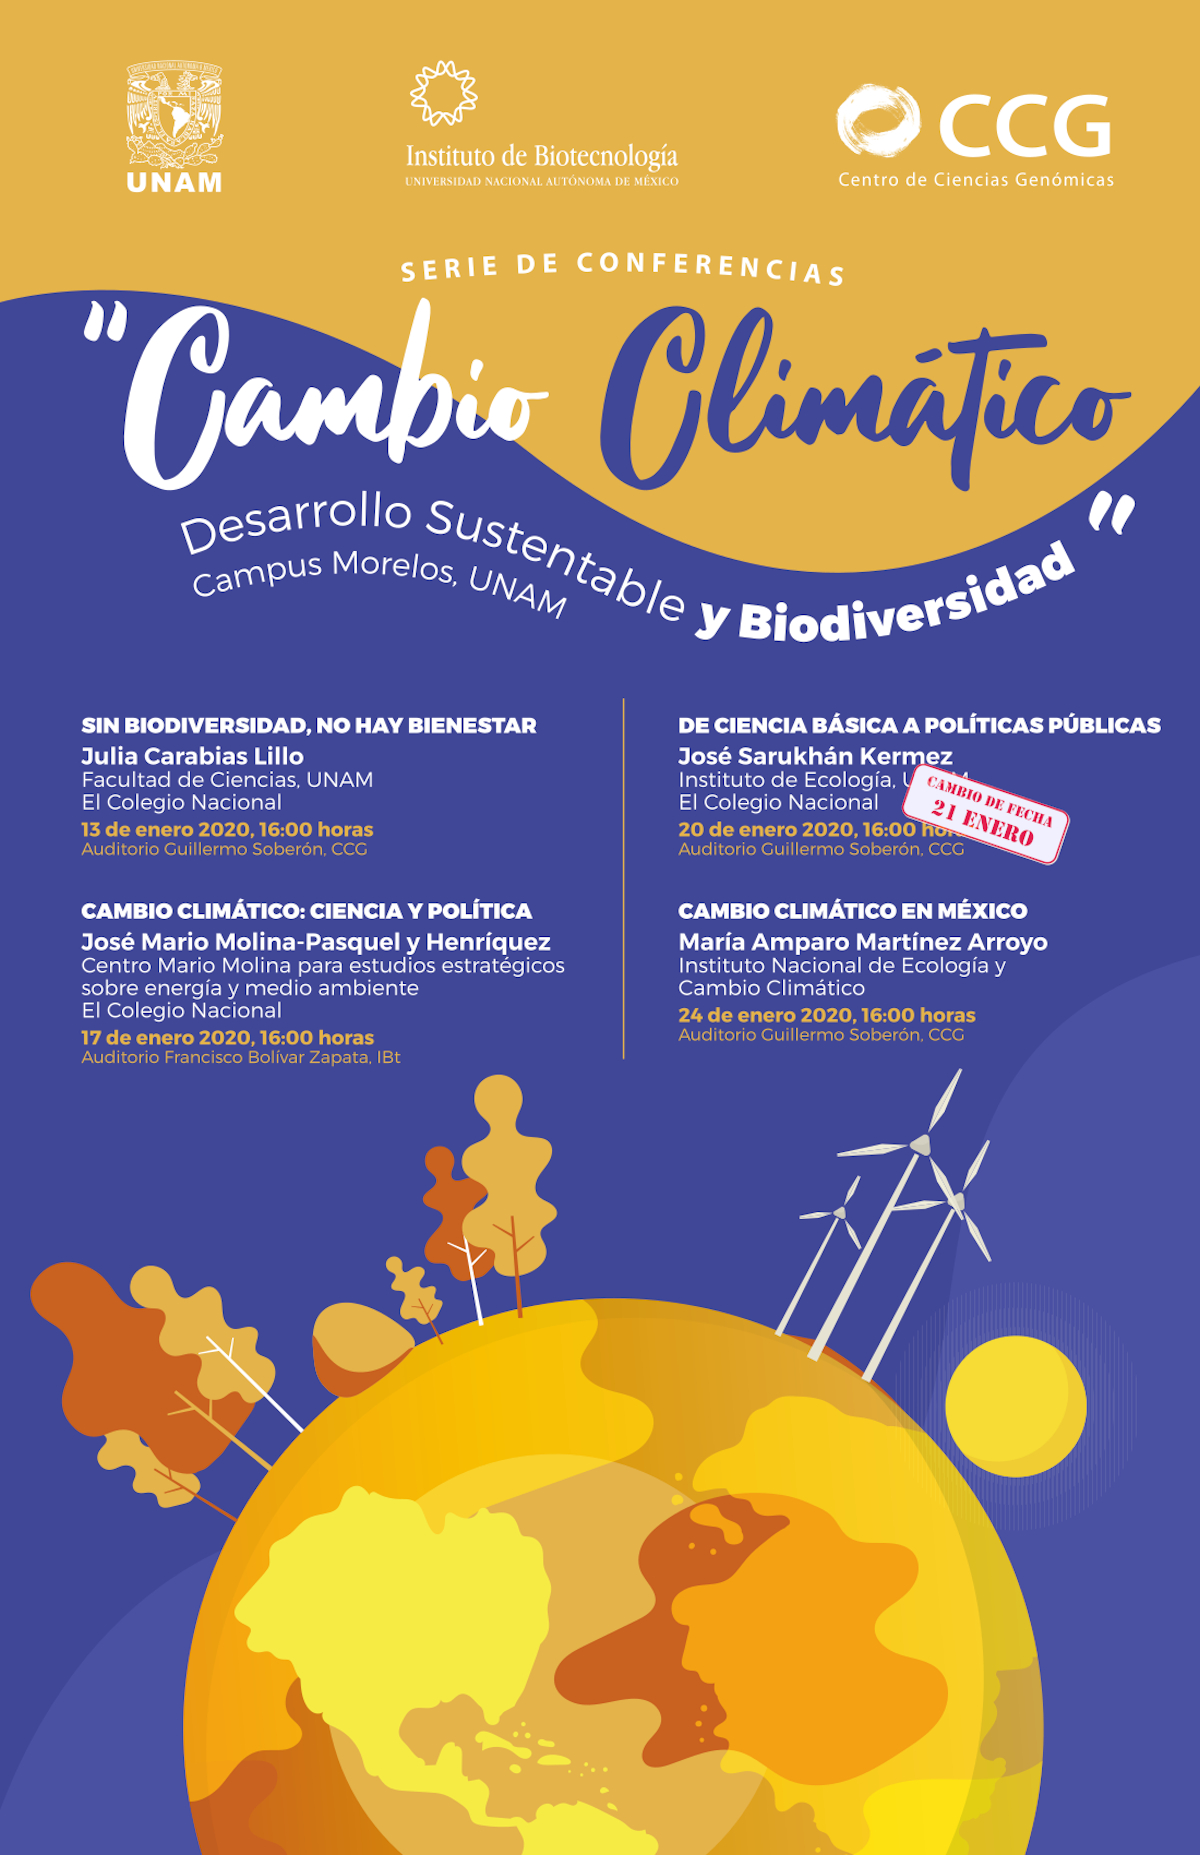 Ciclo de conferencias sobre Cambio Climático